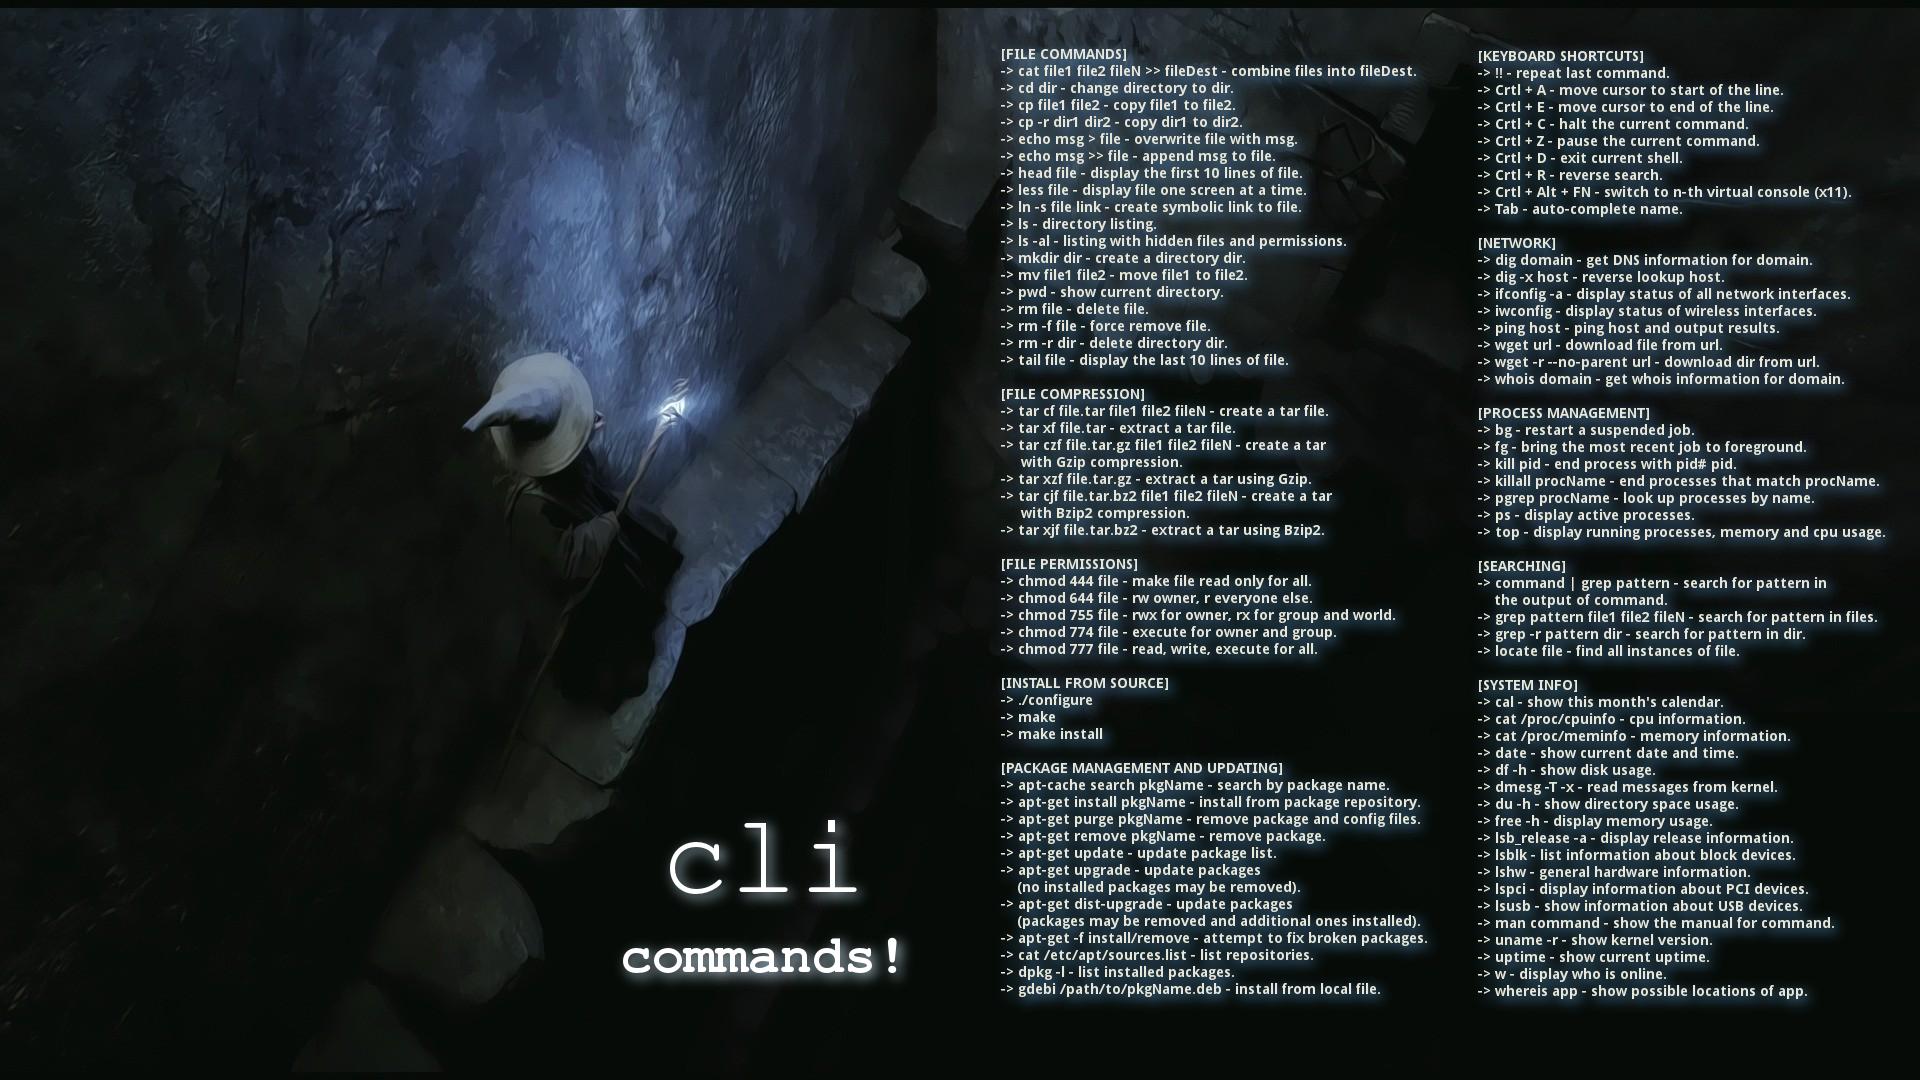 Wallpaper Gandalf And The Cli Artwork Ubuntu Mate